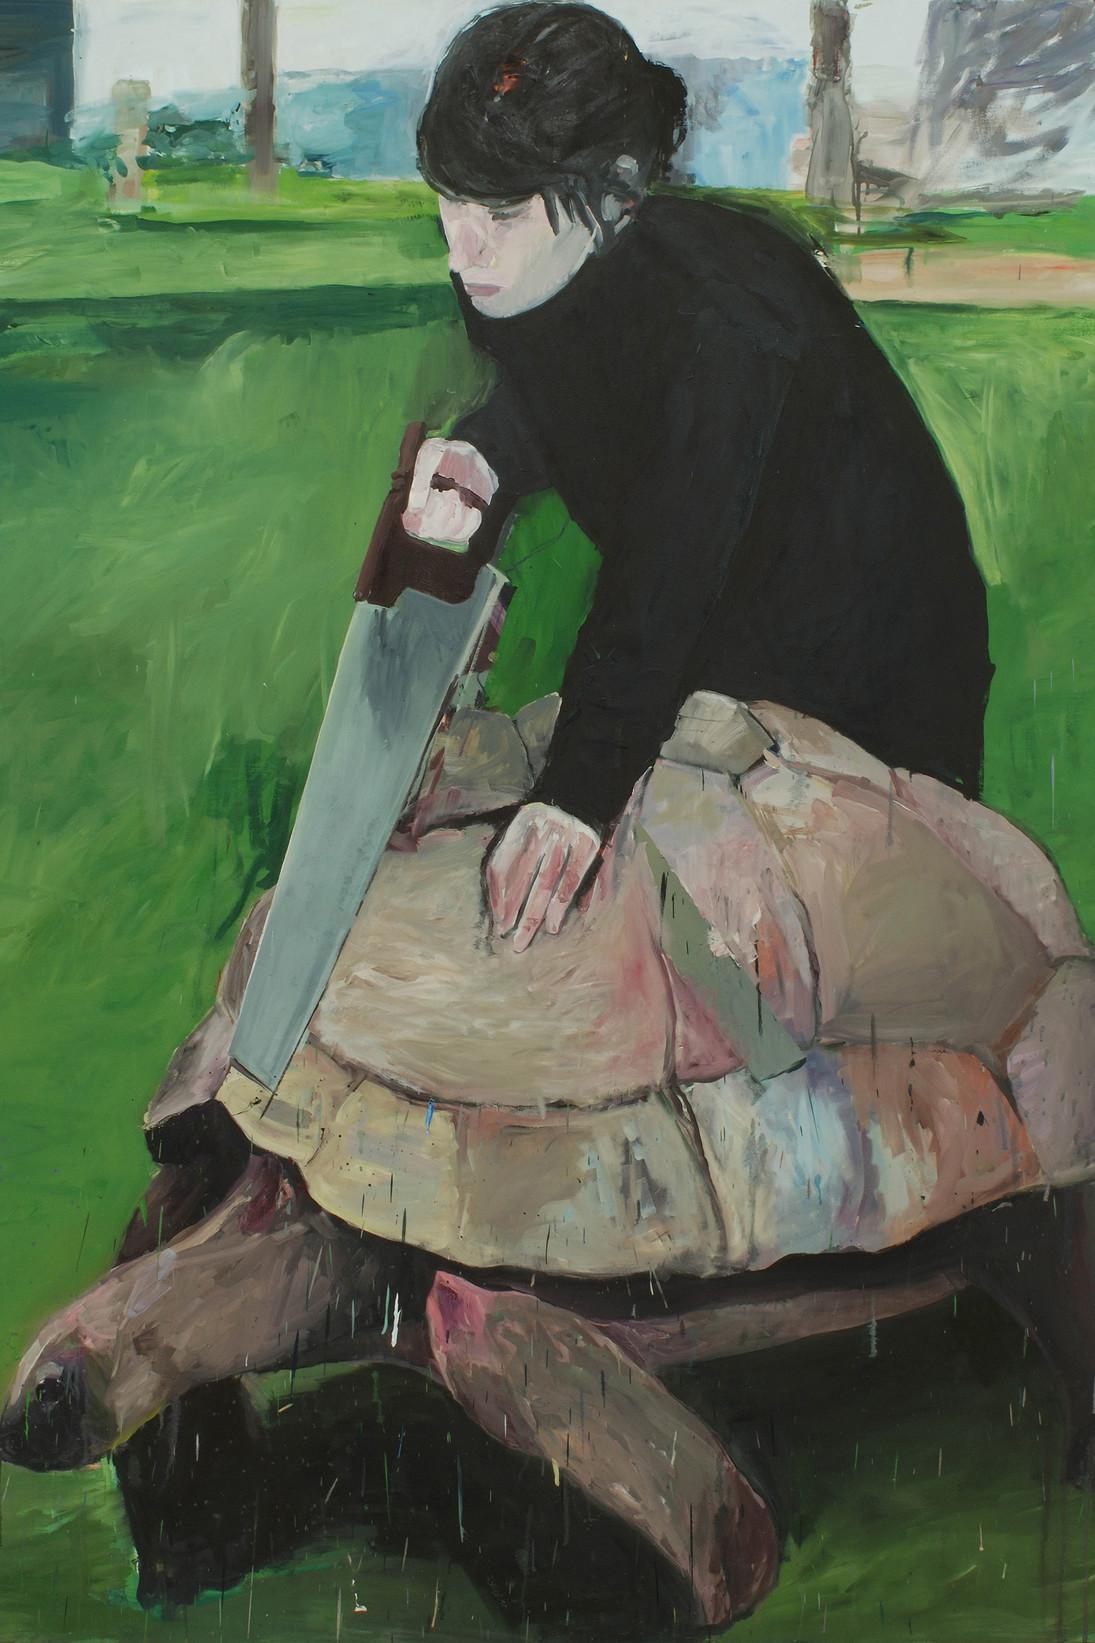 Eduardo Berliner,  Handsaw , 2009, courtesy of the artist.